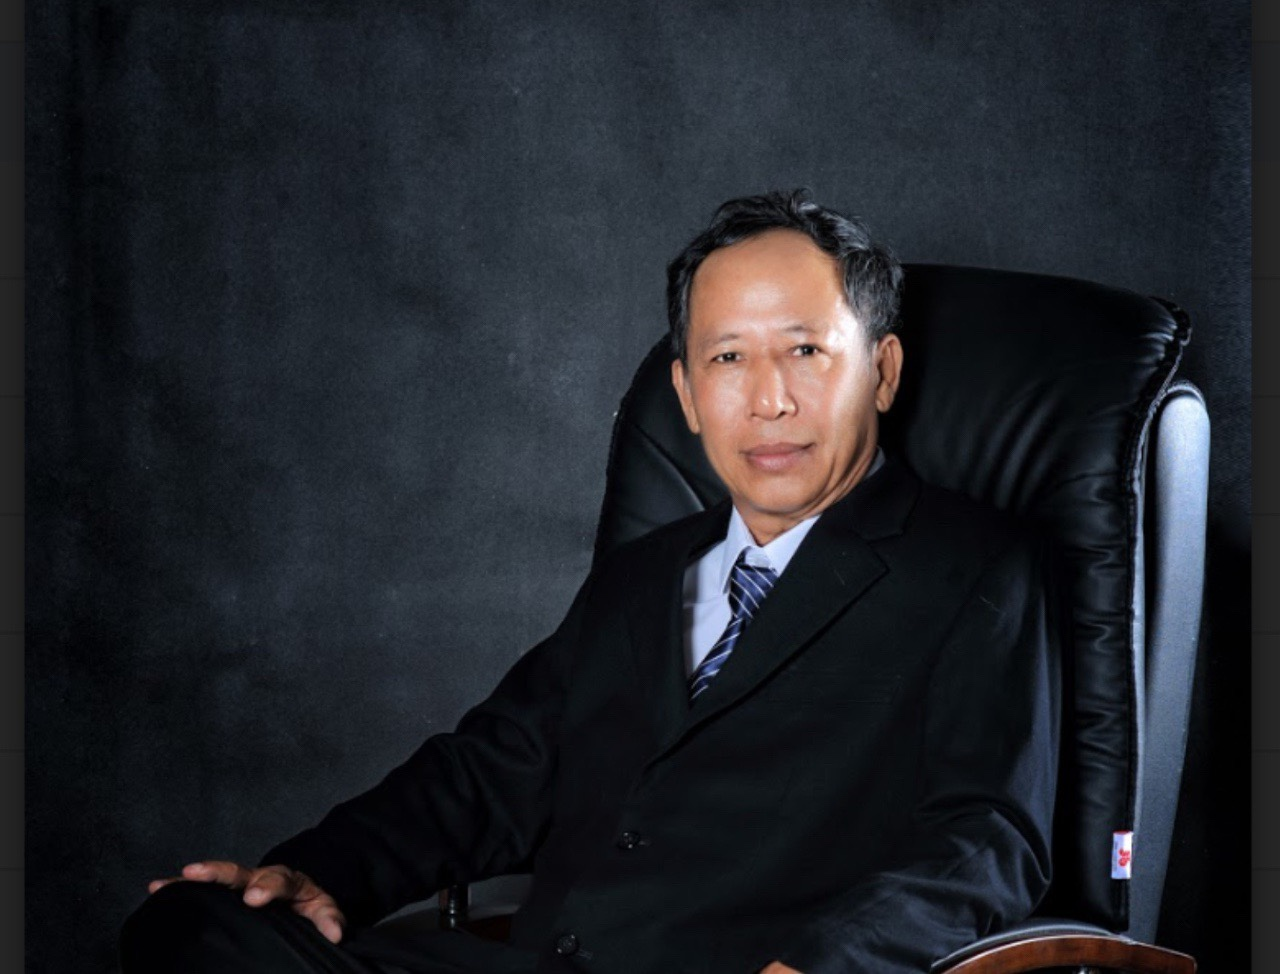 Ba cha con doanh nhân Doãn Tới nắm hơn 77% vốn tại Thủy sản Nam Việt - Hình 1